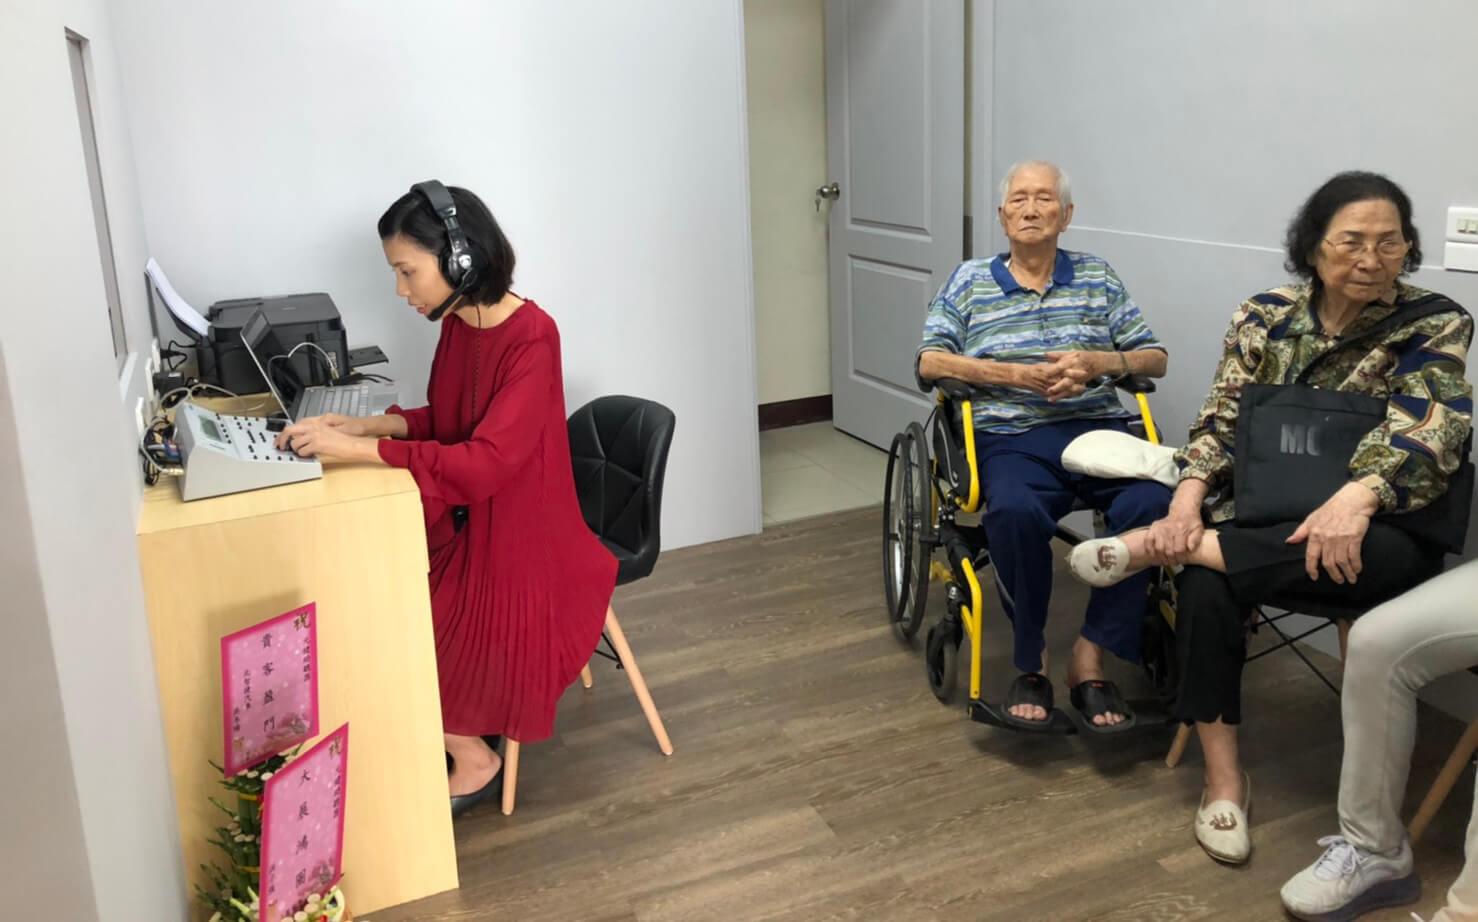 元健助聽器高雄鳳山店免費聽力檢查與助聽器適配照